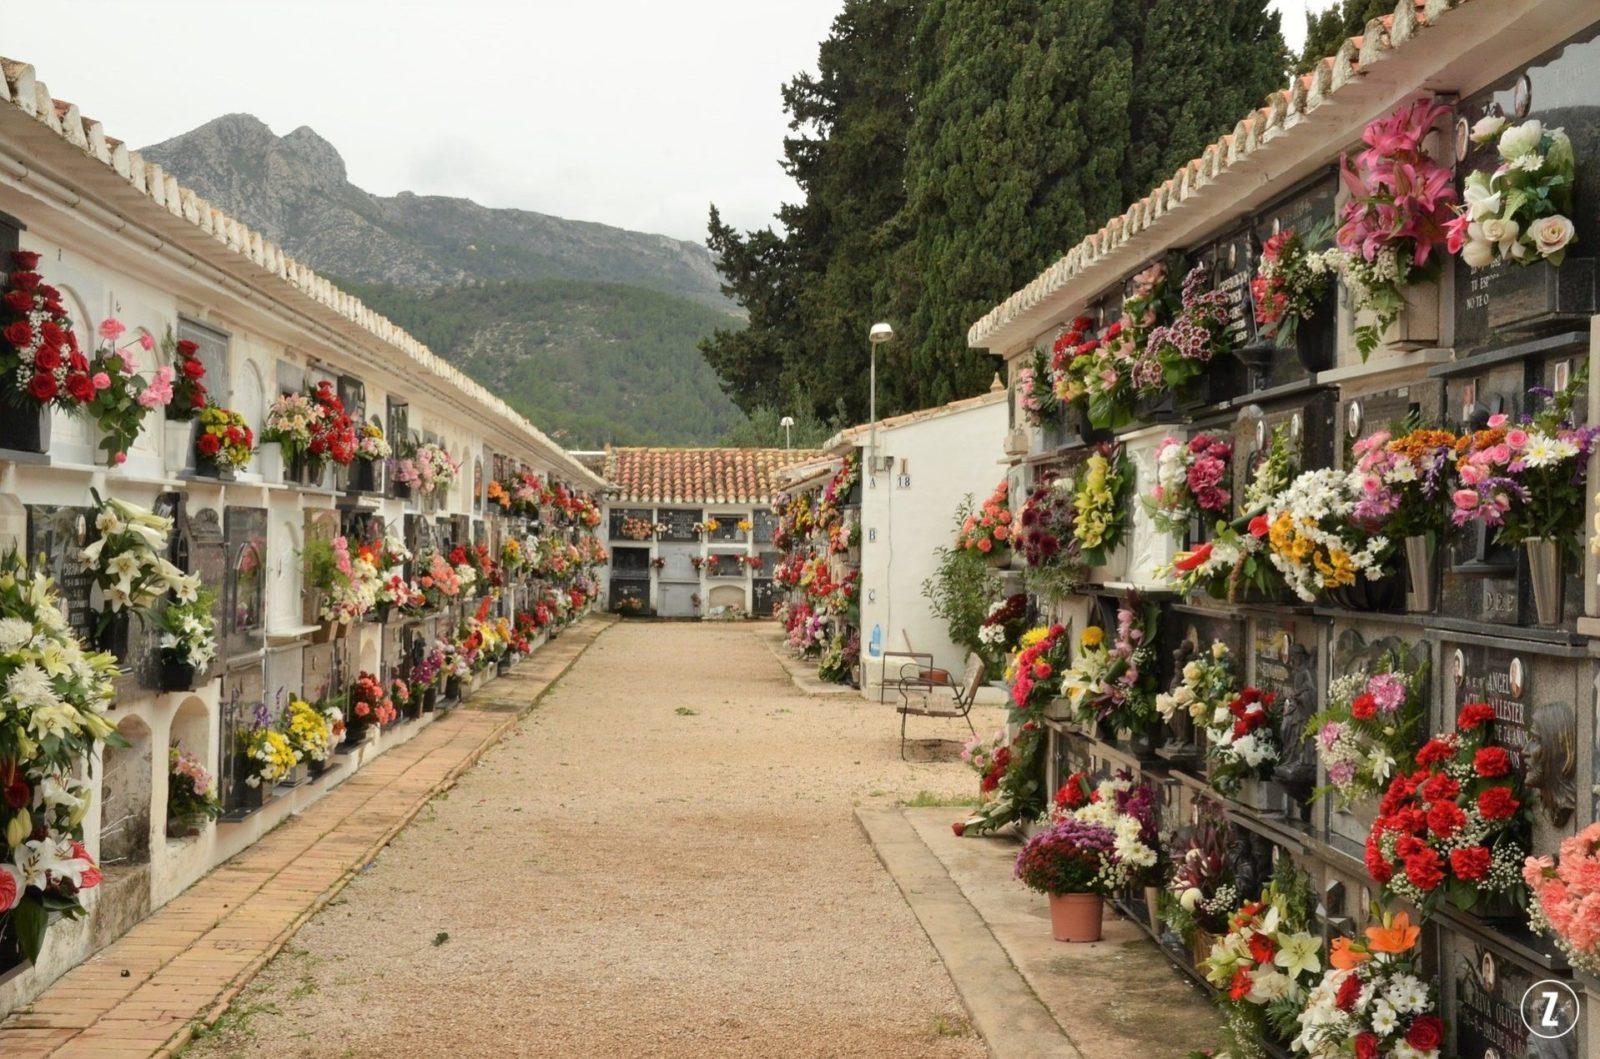 1 listopada, astry, chryzantemy, cynie, gozdziki, kwiaty ciete, lilie, pielęgnacja, roze, swieto, trwalosc cietych kwiatow, Wszystkich Swietych